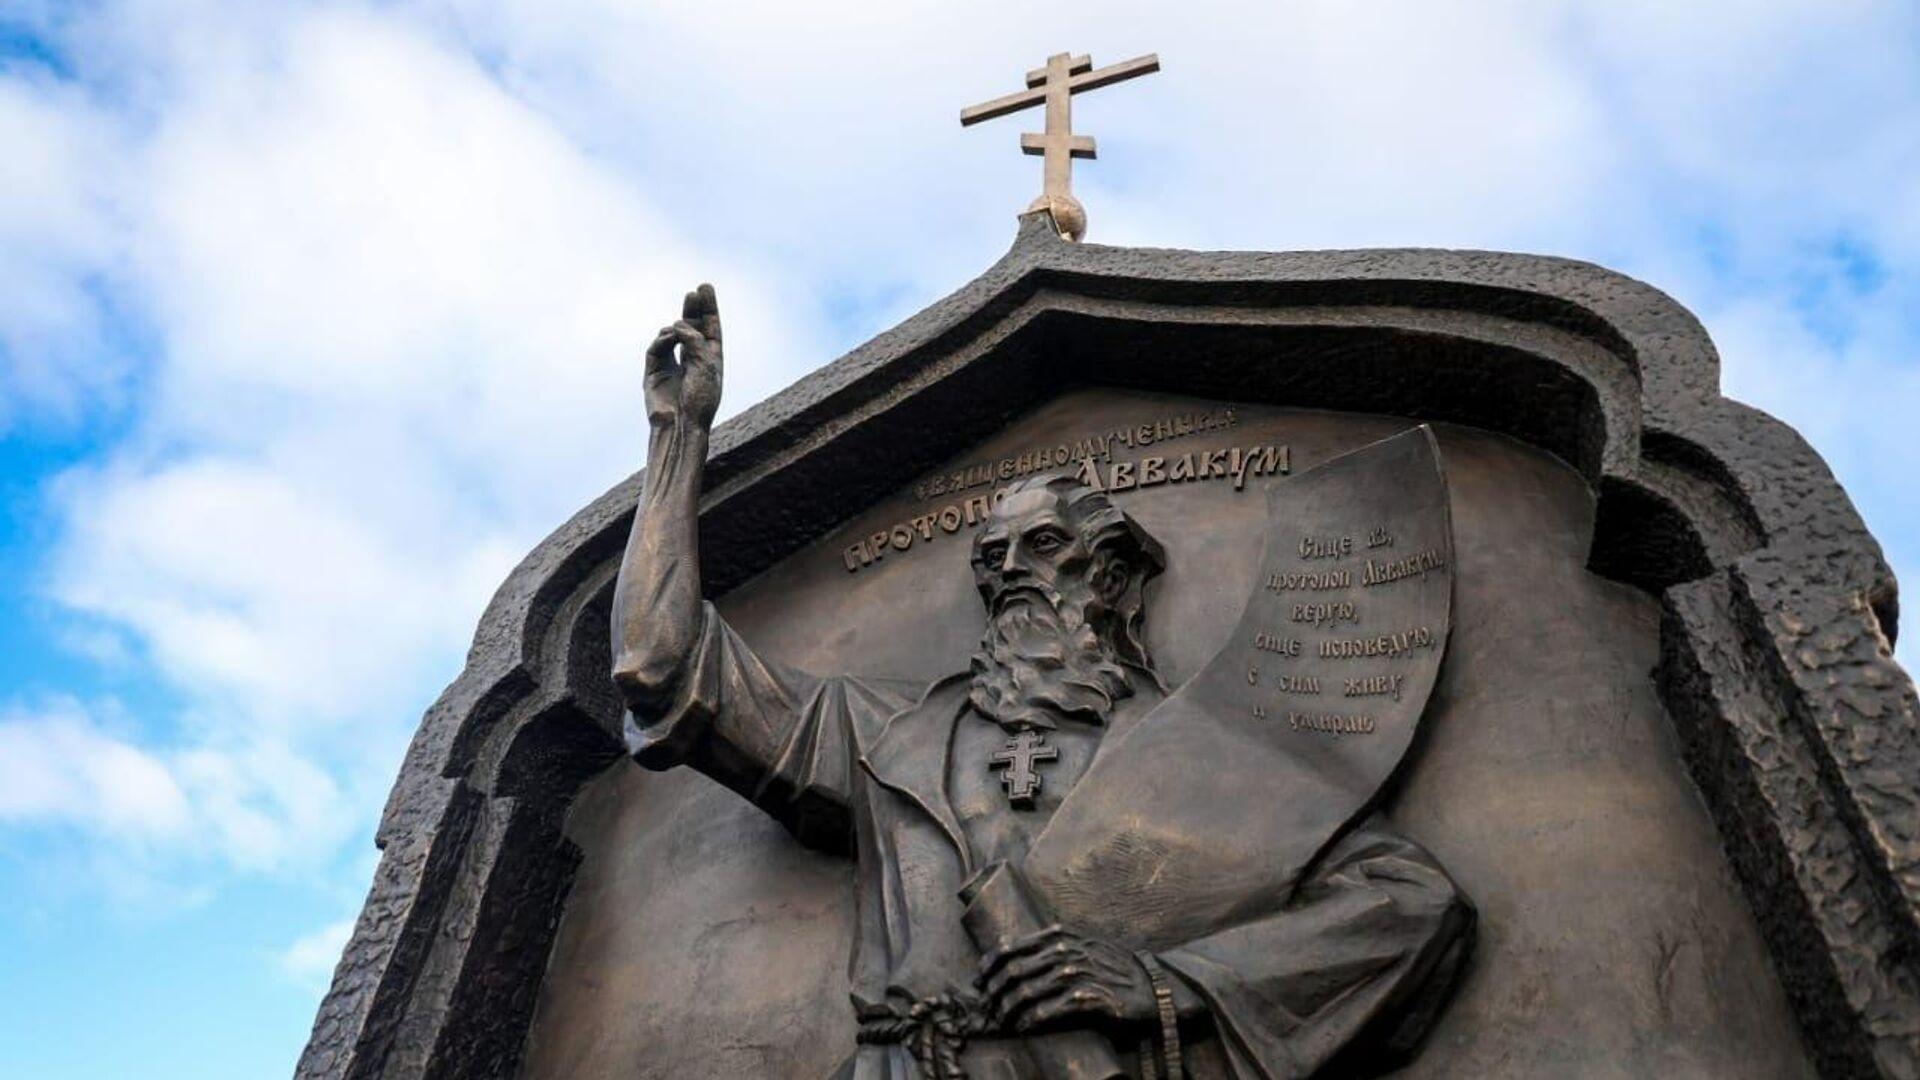 Памятник протопопу Аввакуму в Нарьян-Маре - РИА Новости, 1920, 05.12.2020